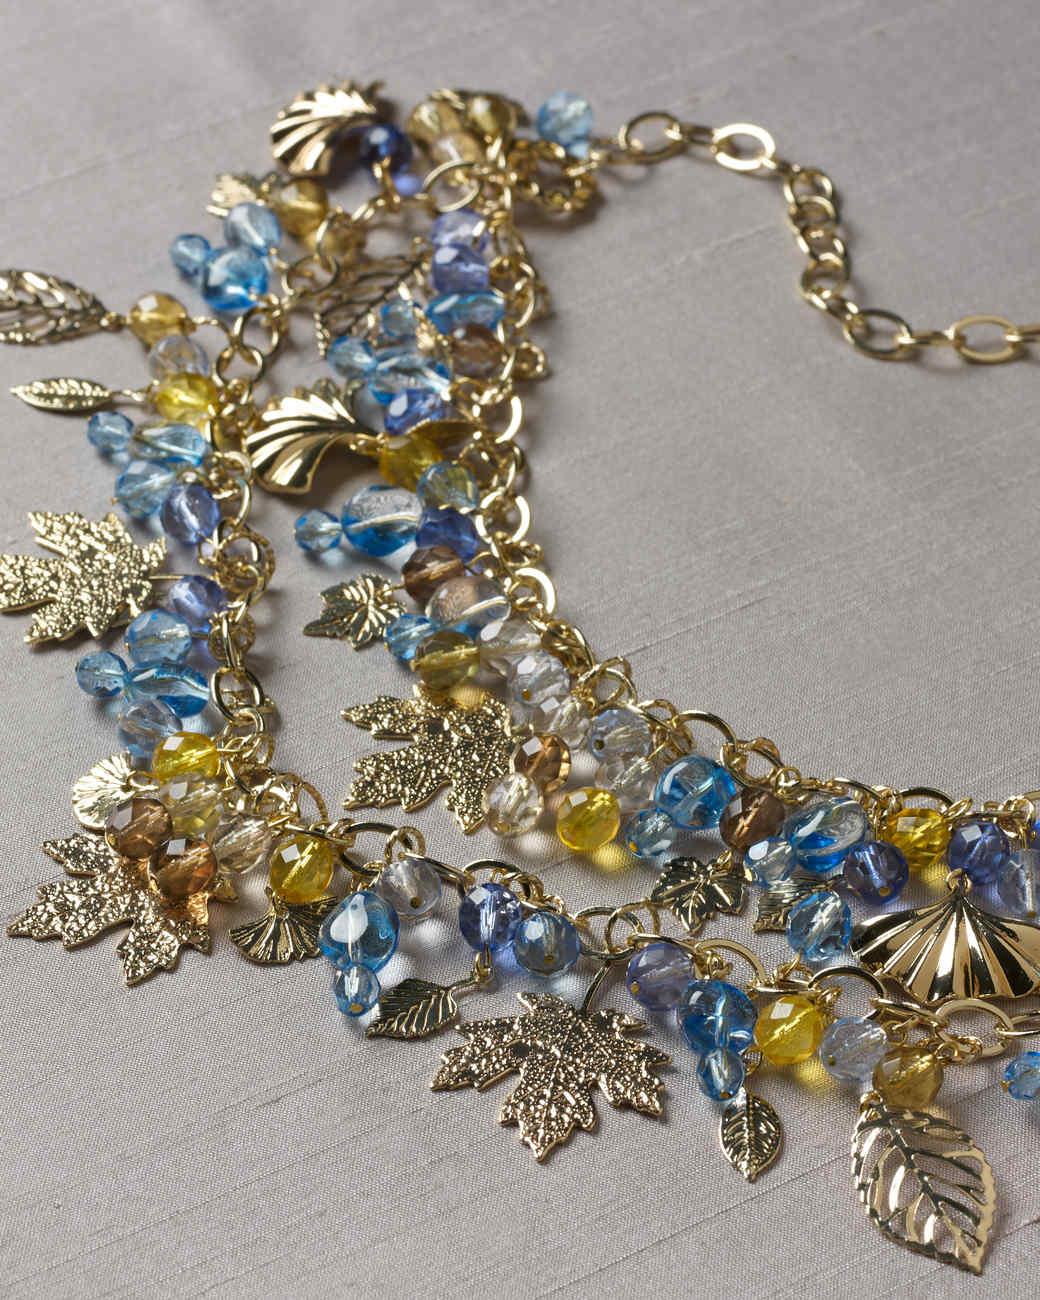 mscrafts-fall-jewelry-13.jpg